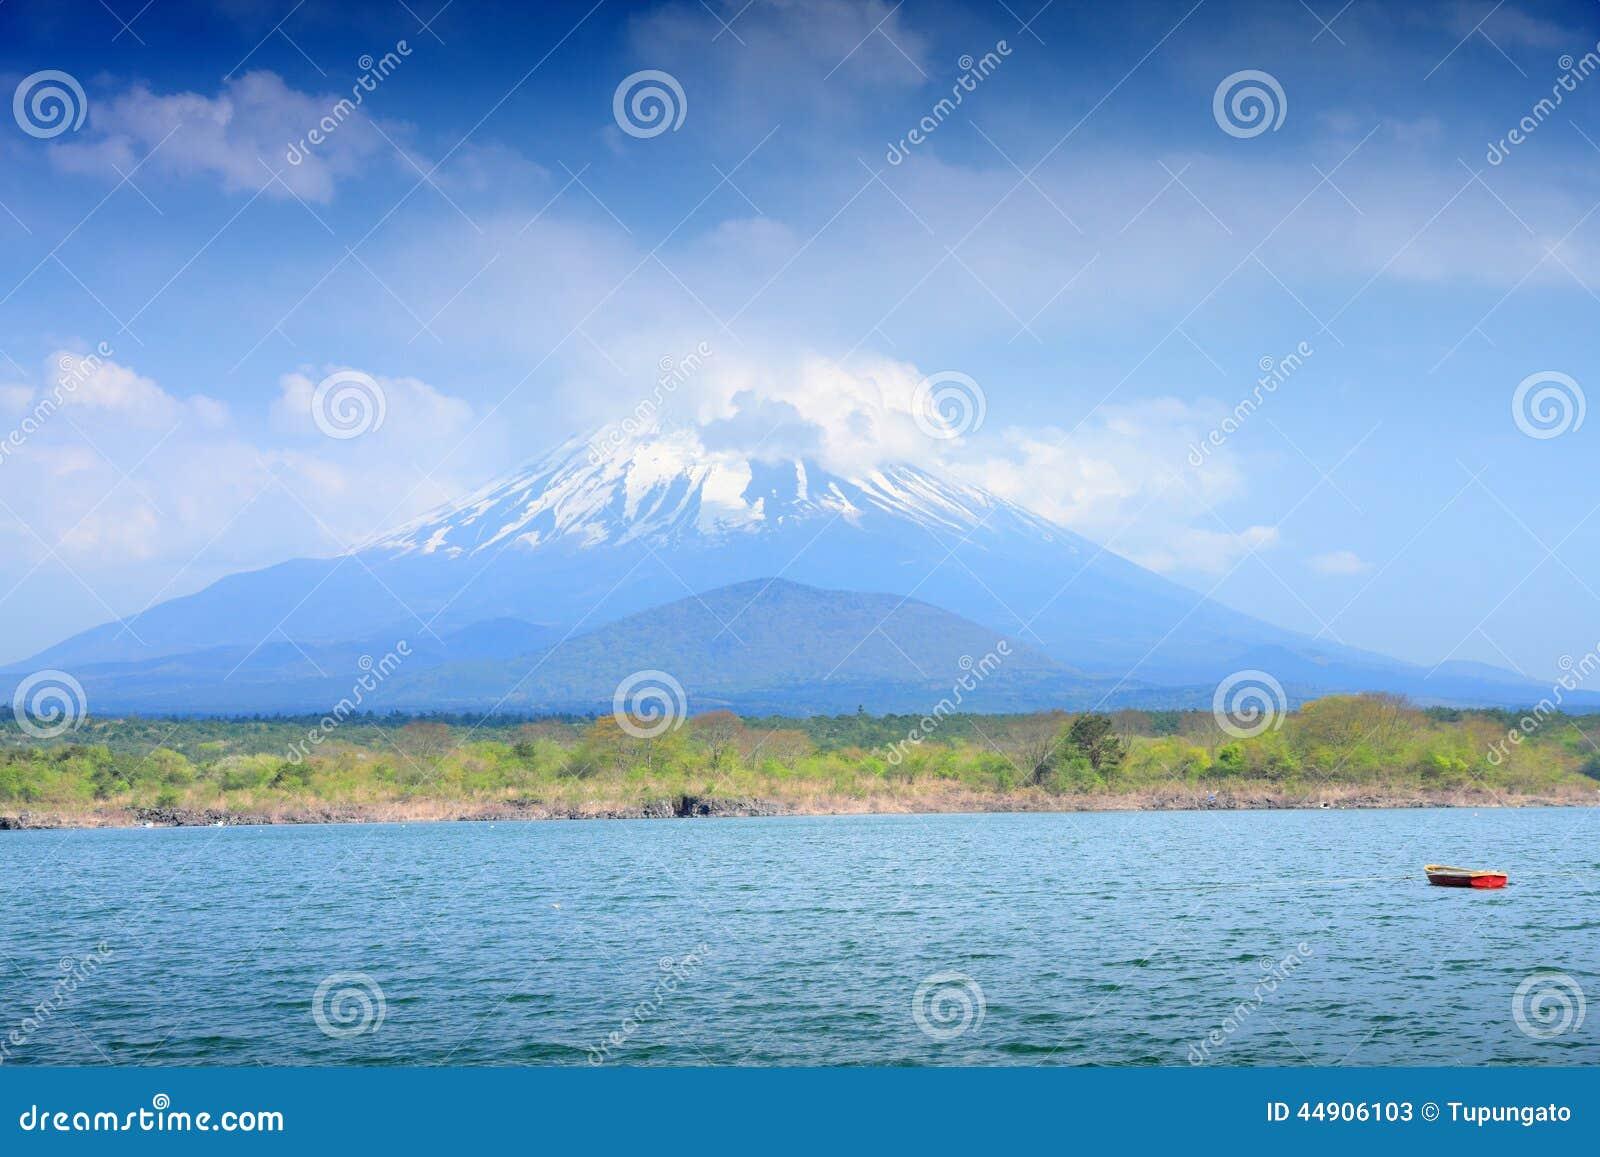 Le Japon - le mont Fuji